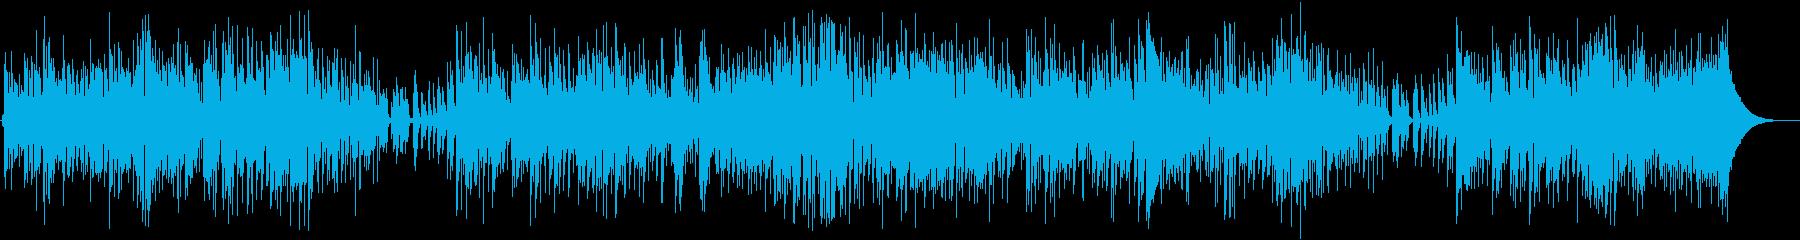 ワルツ。ジャズのスタンダードを演奏...の再生済みの波形